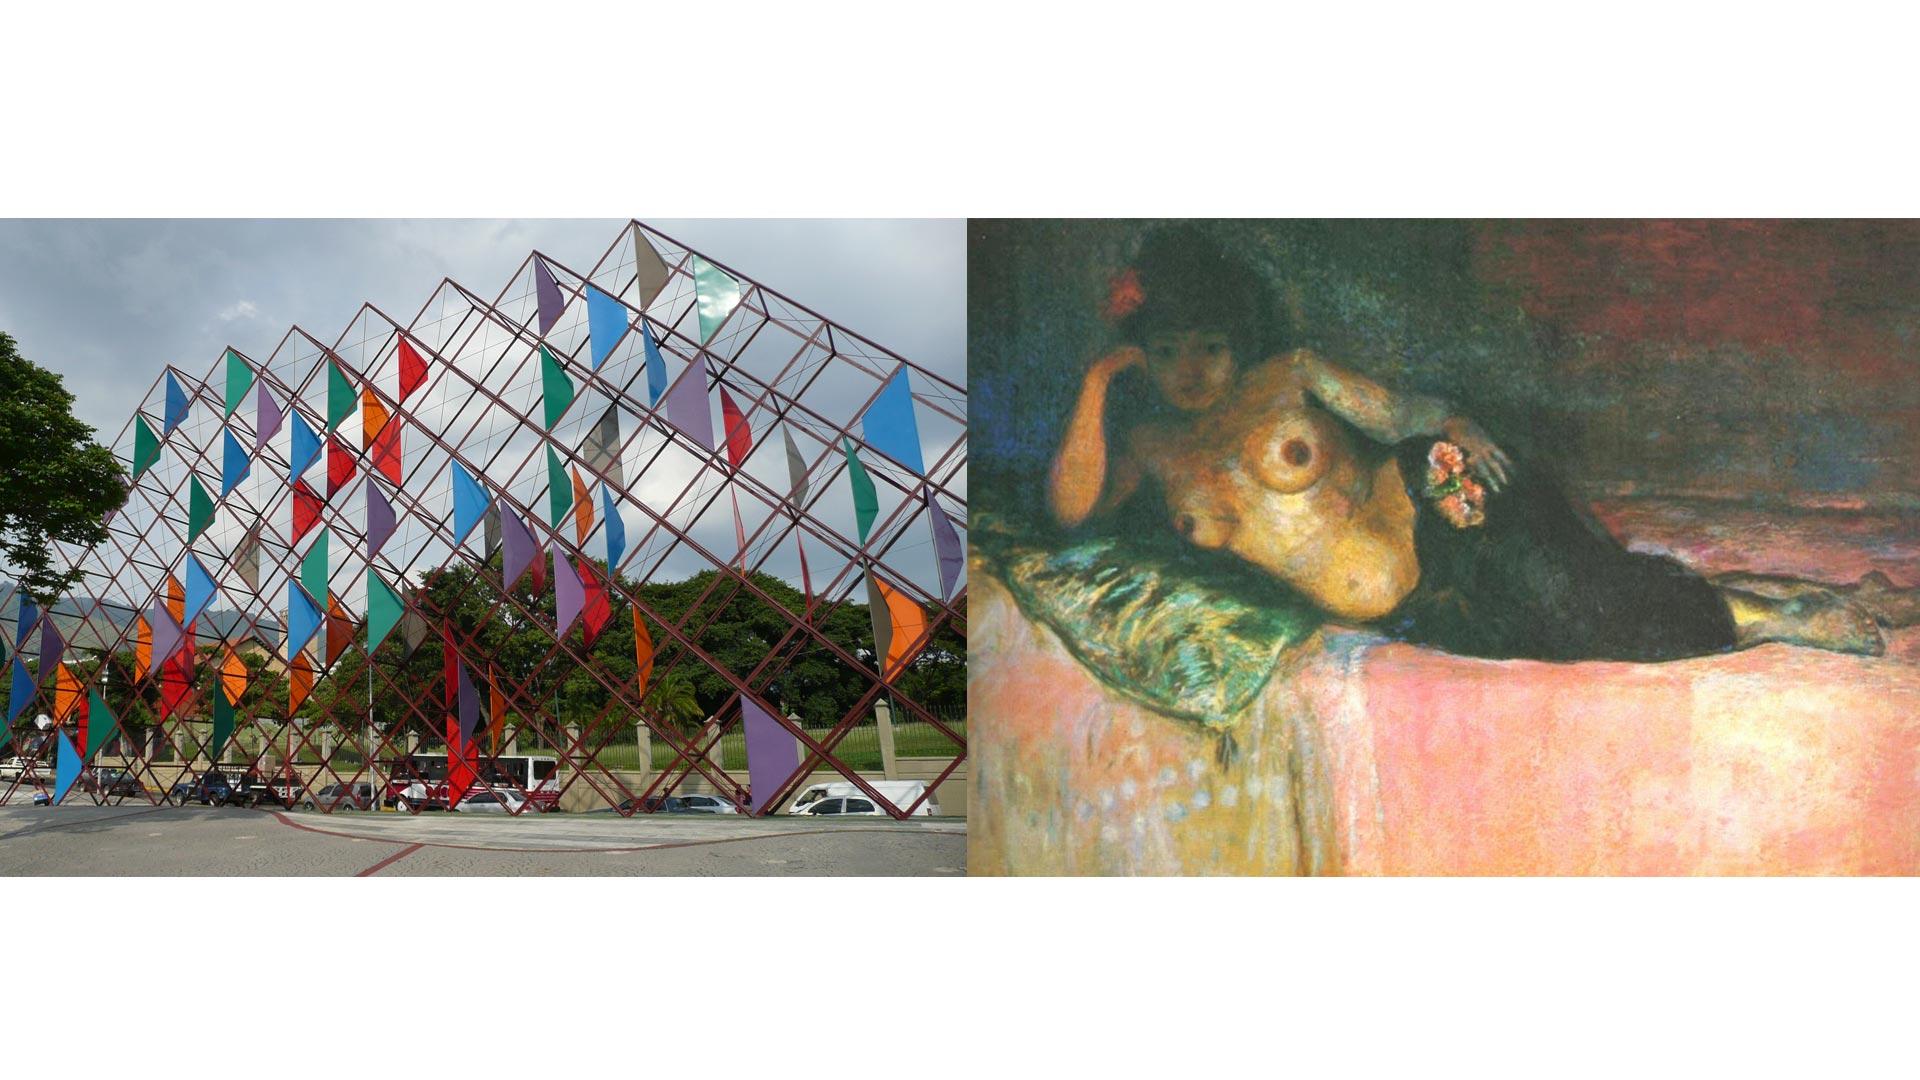 Este miércoles el país amaneció inmerso en arte gracias al festejo del Día del Artista Nacional. Llénate de genio con esta galería